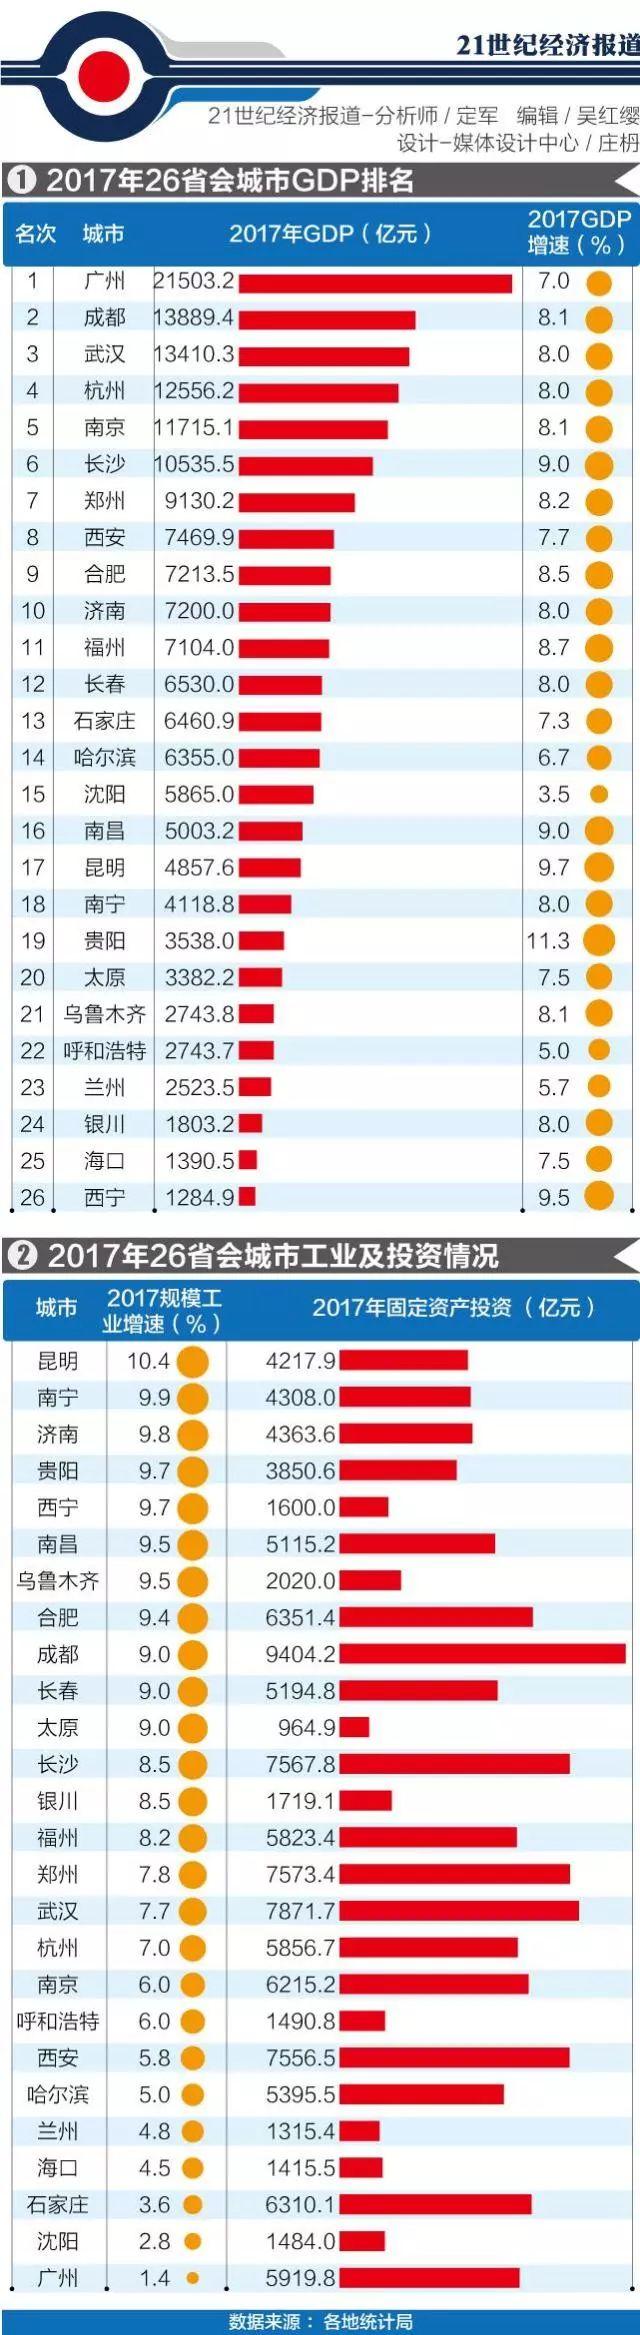 2017城市gdp_2017年省会城市GDP最新排名出炉郑州排第几?